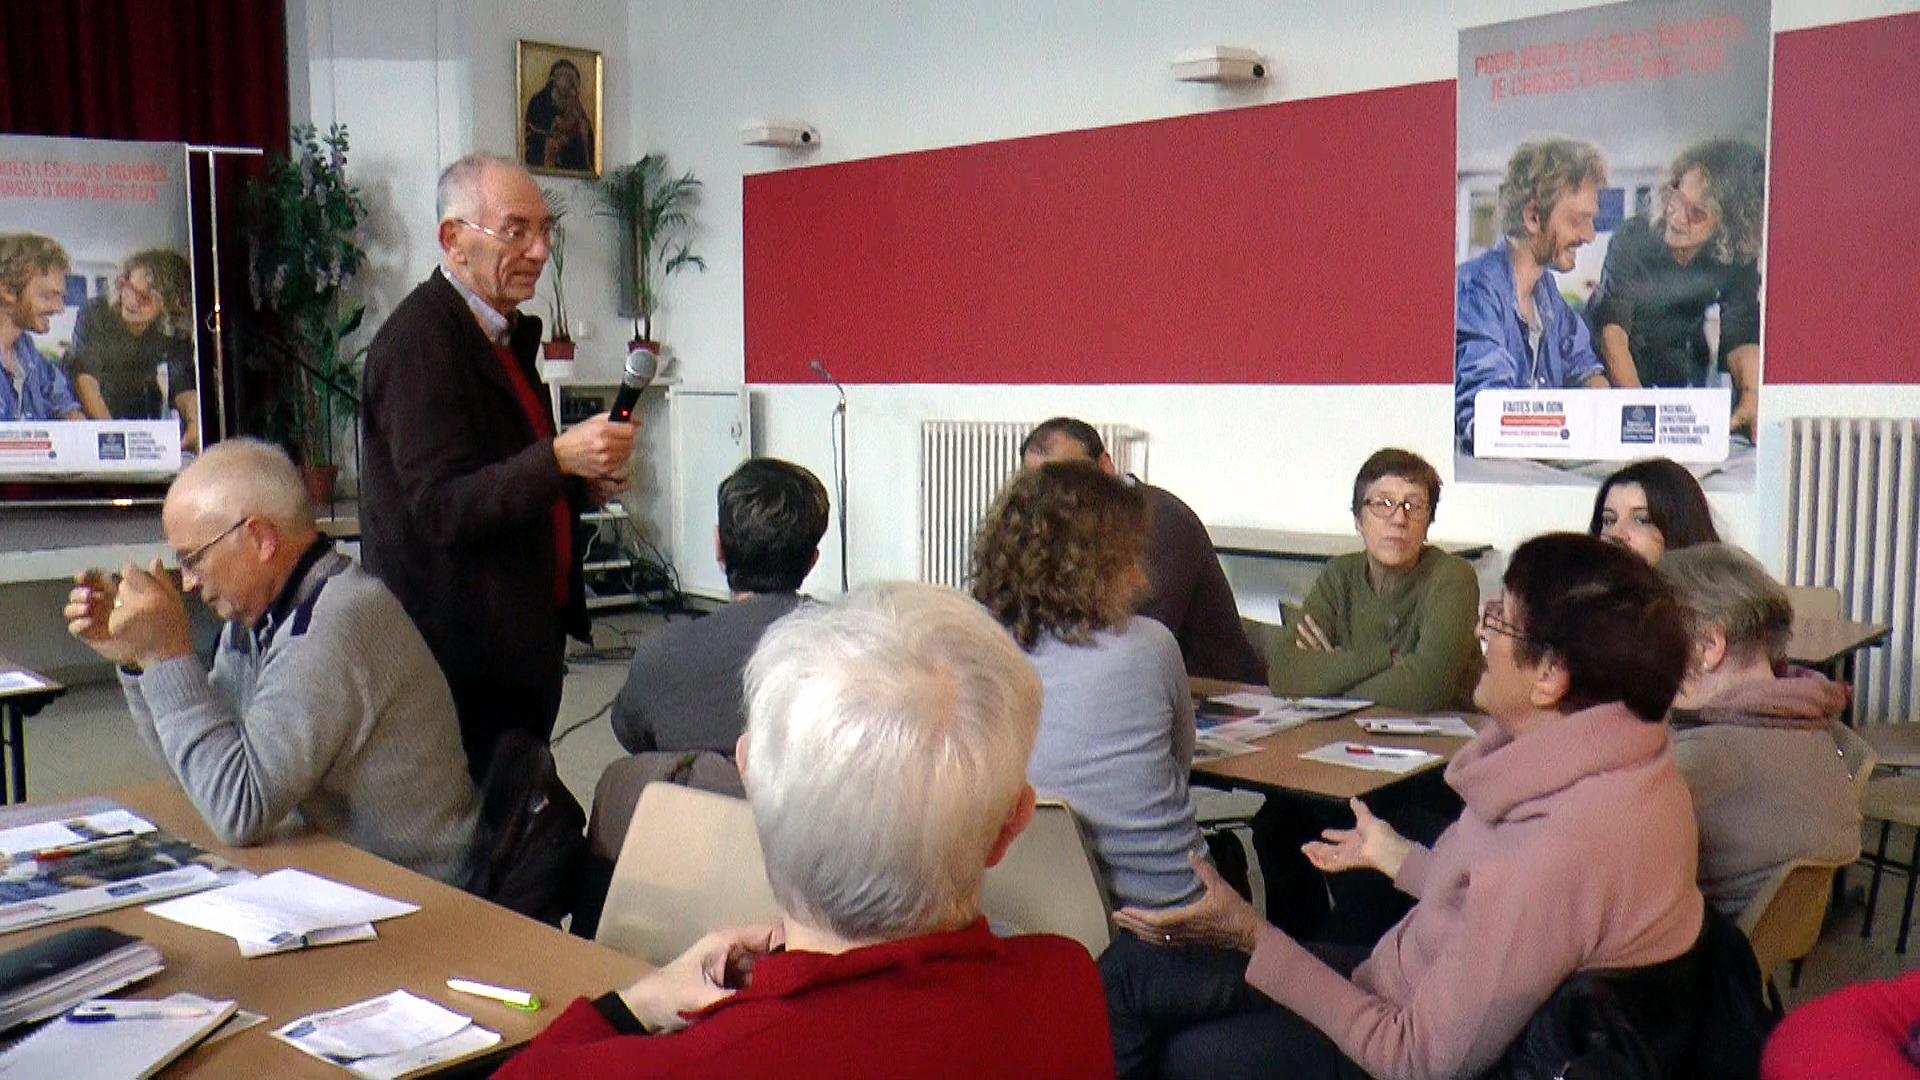 Anime les débats, suite à la présentation du rapport statistique par Marianne Demaegdt